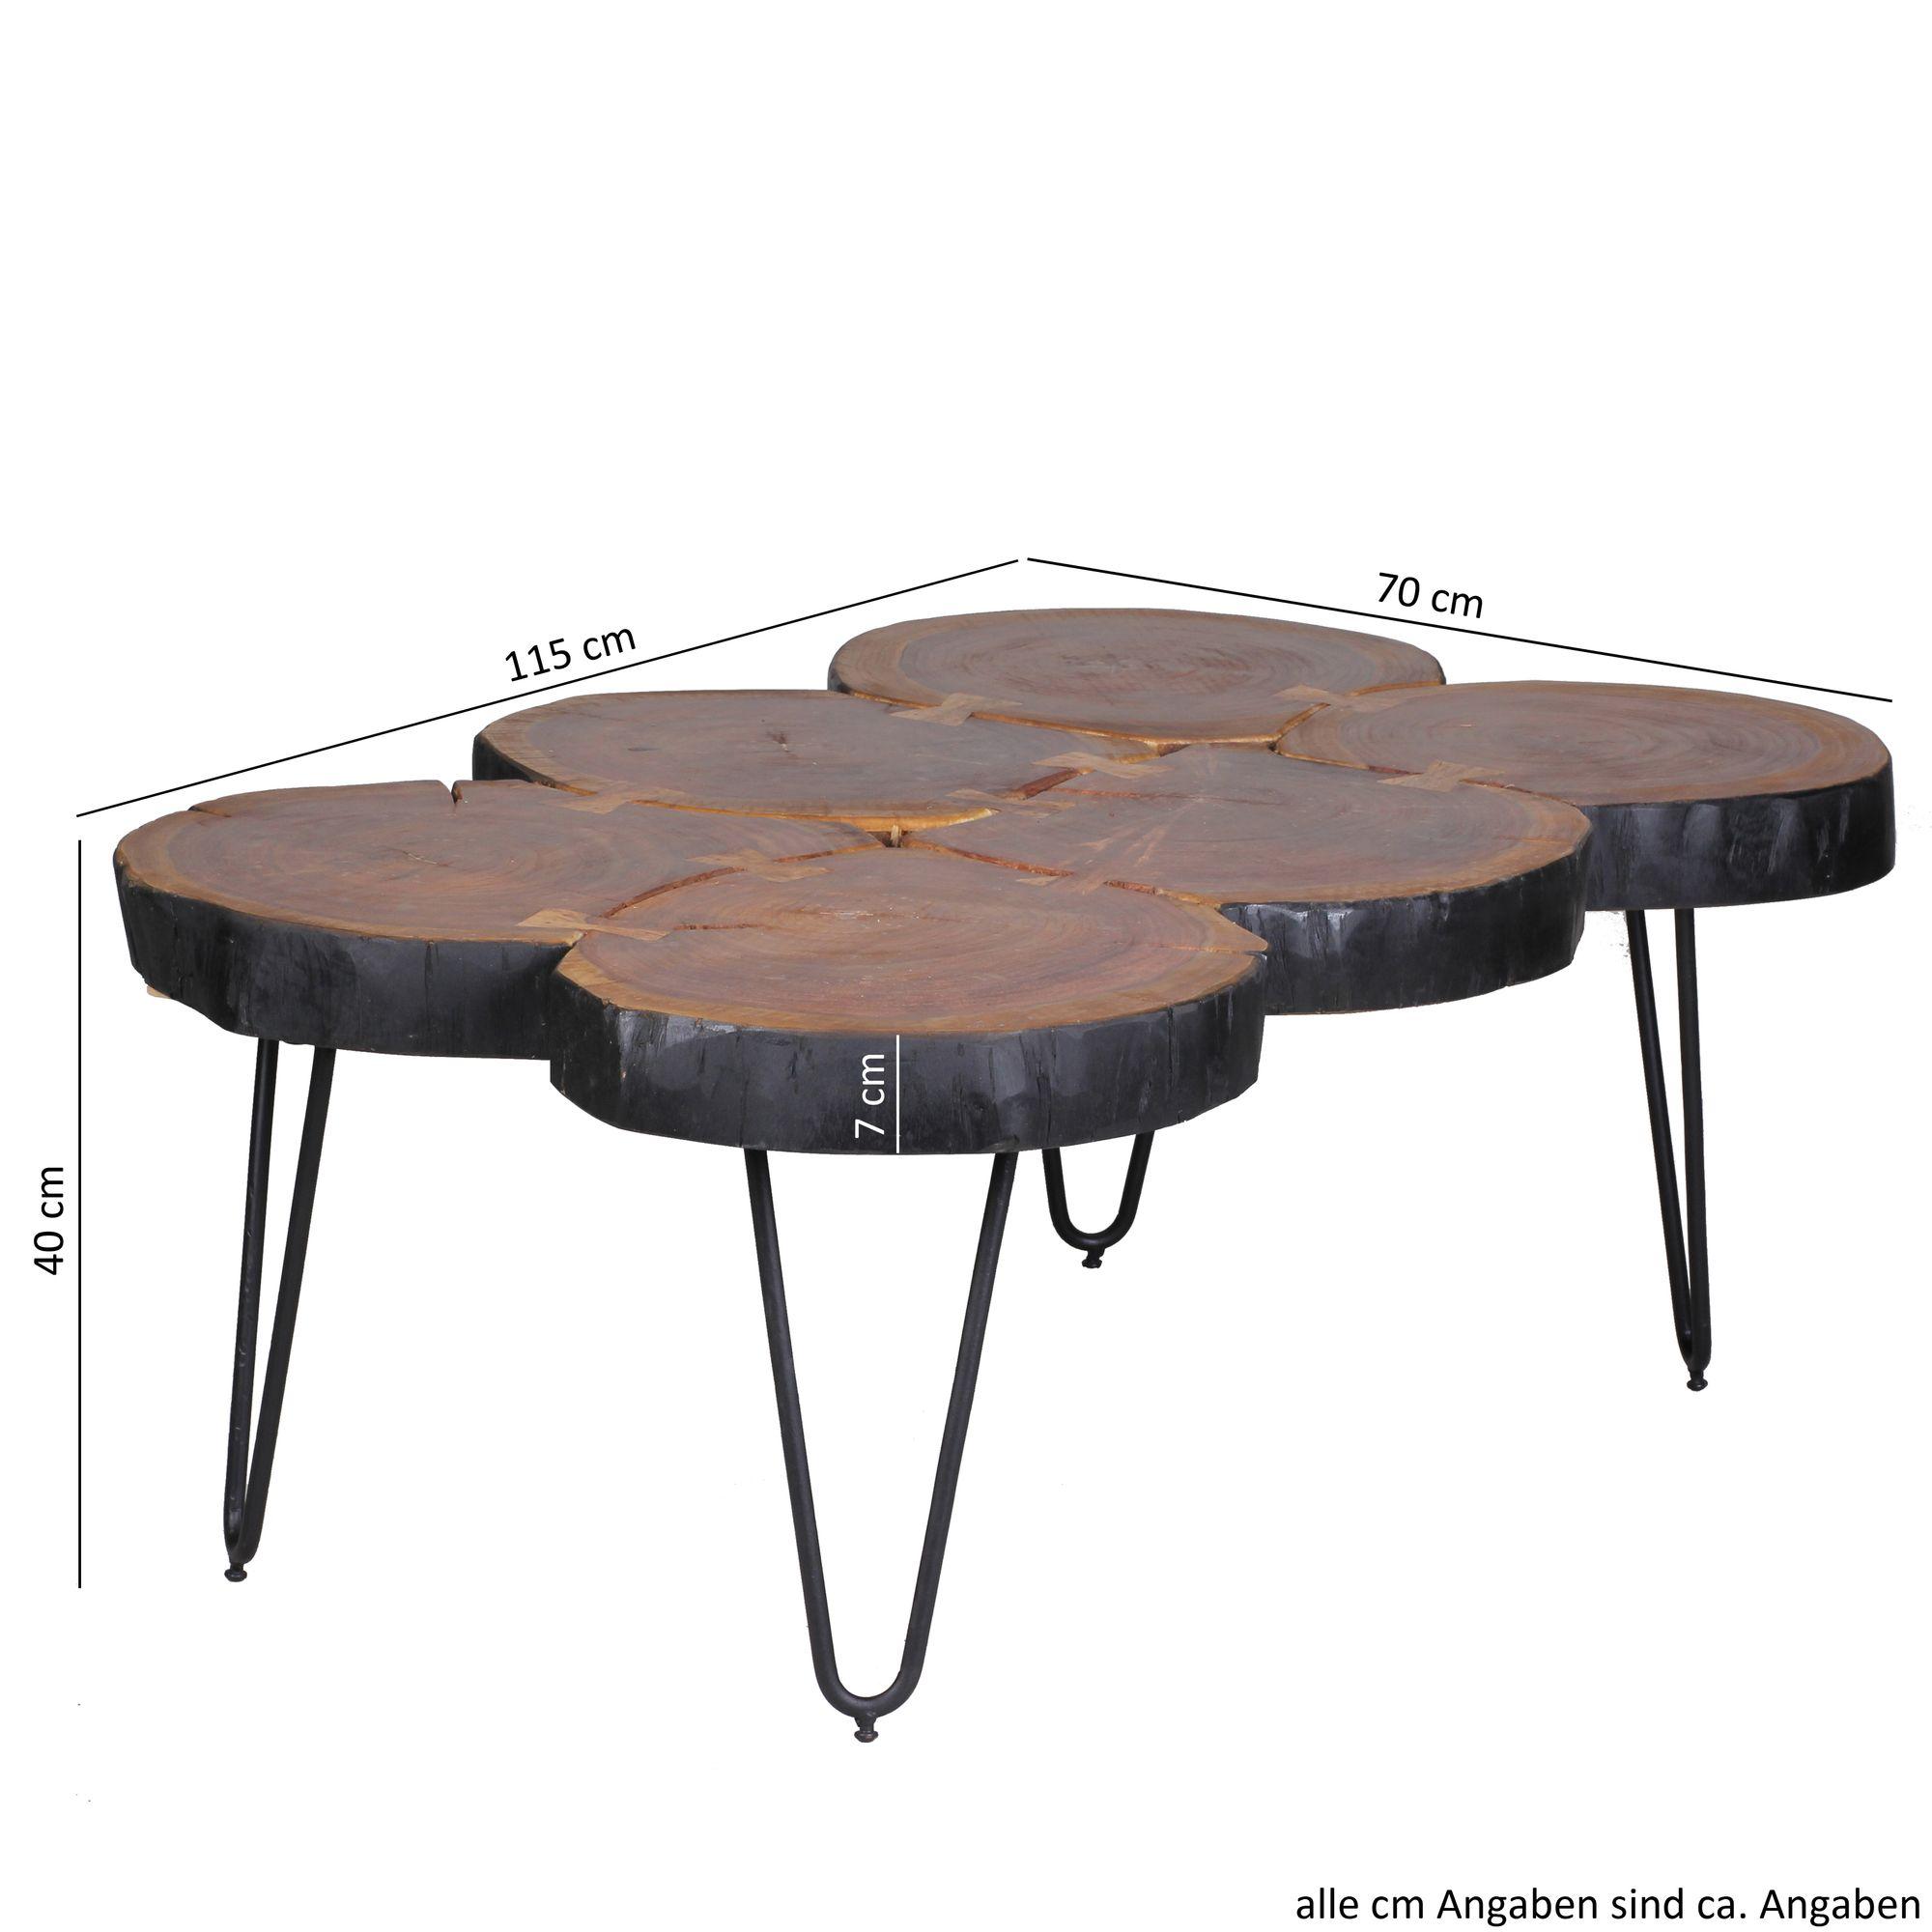 Massiver Couchtisch Harlem 115 Cm Baumstamm Tisch Wohnzimmertisch